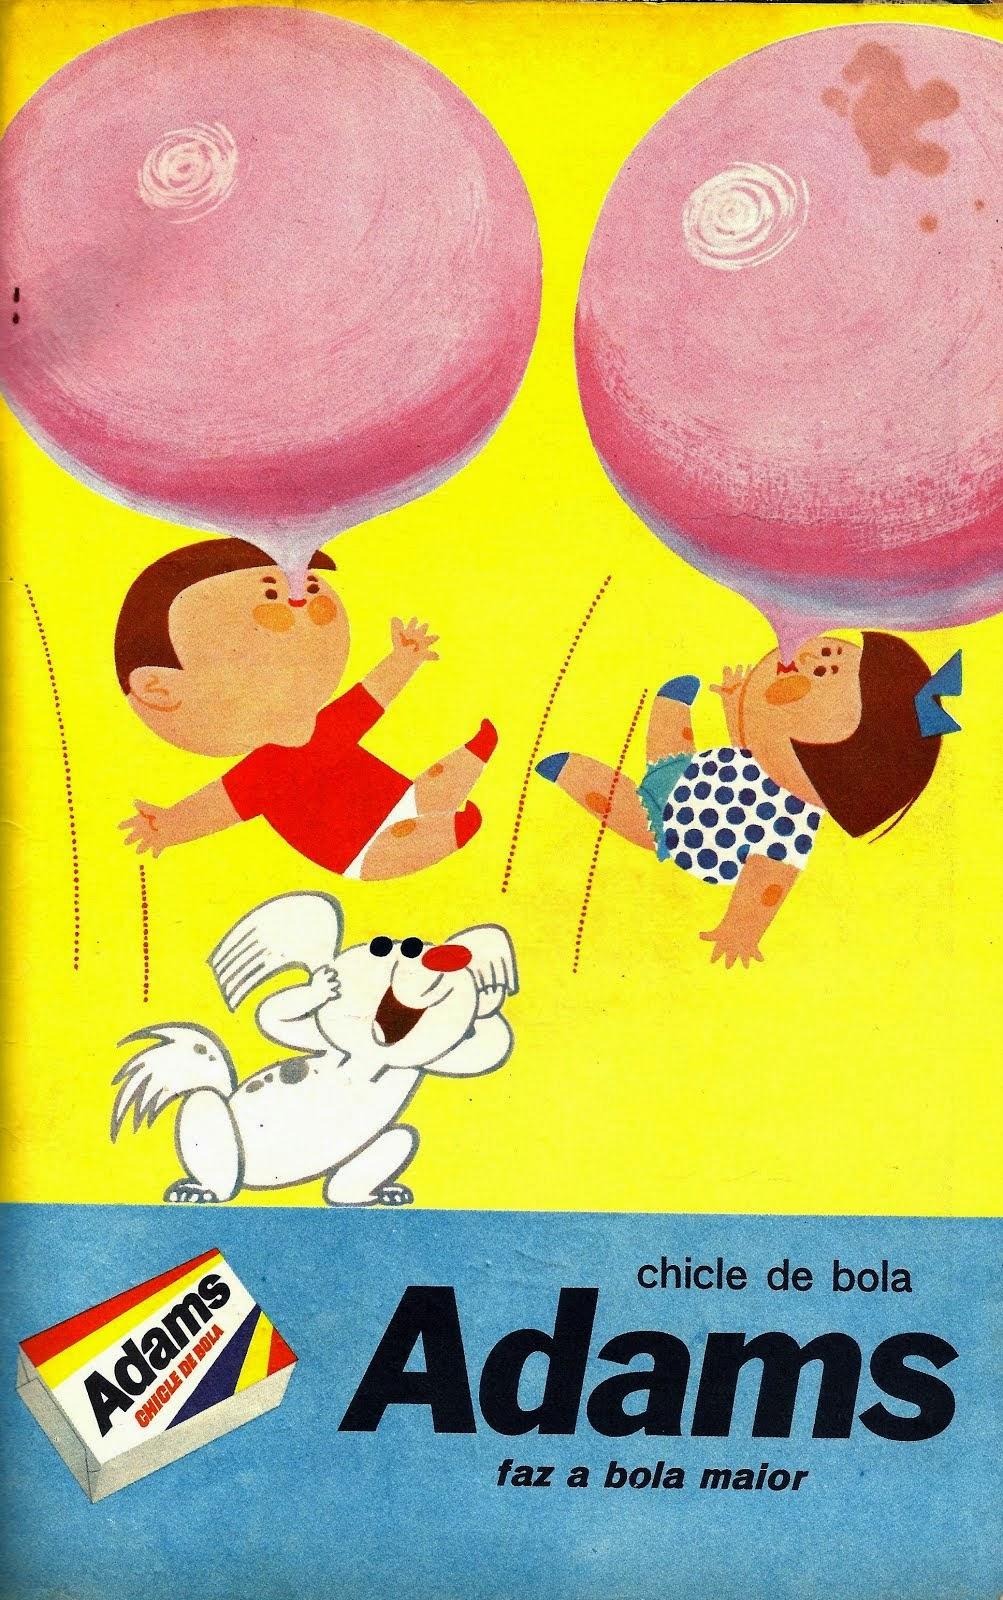 CHICLE DE BOLA ADAMS